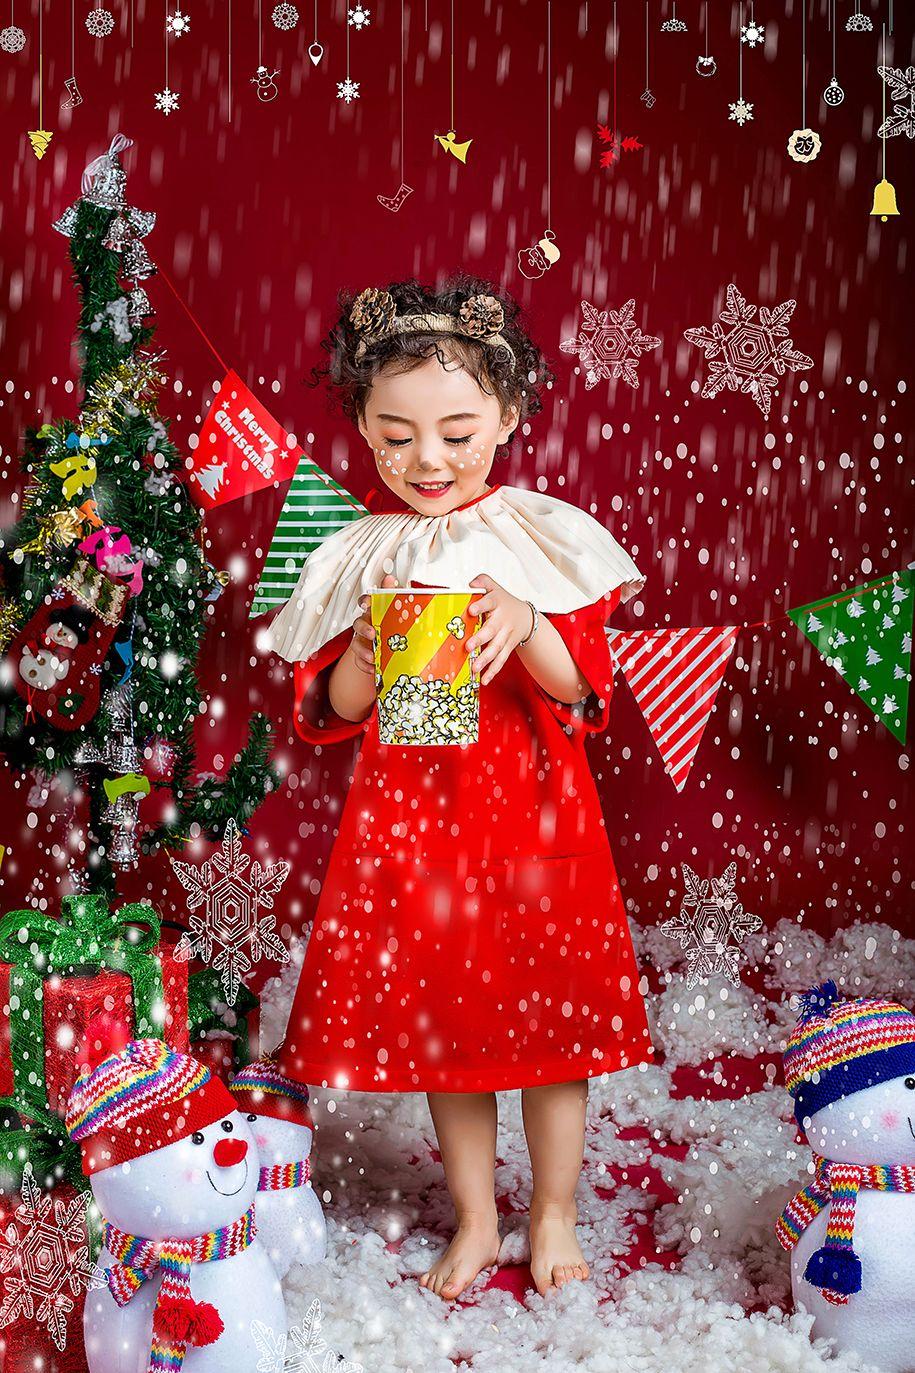 圣诞宝贝 儿童摄影